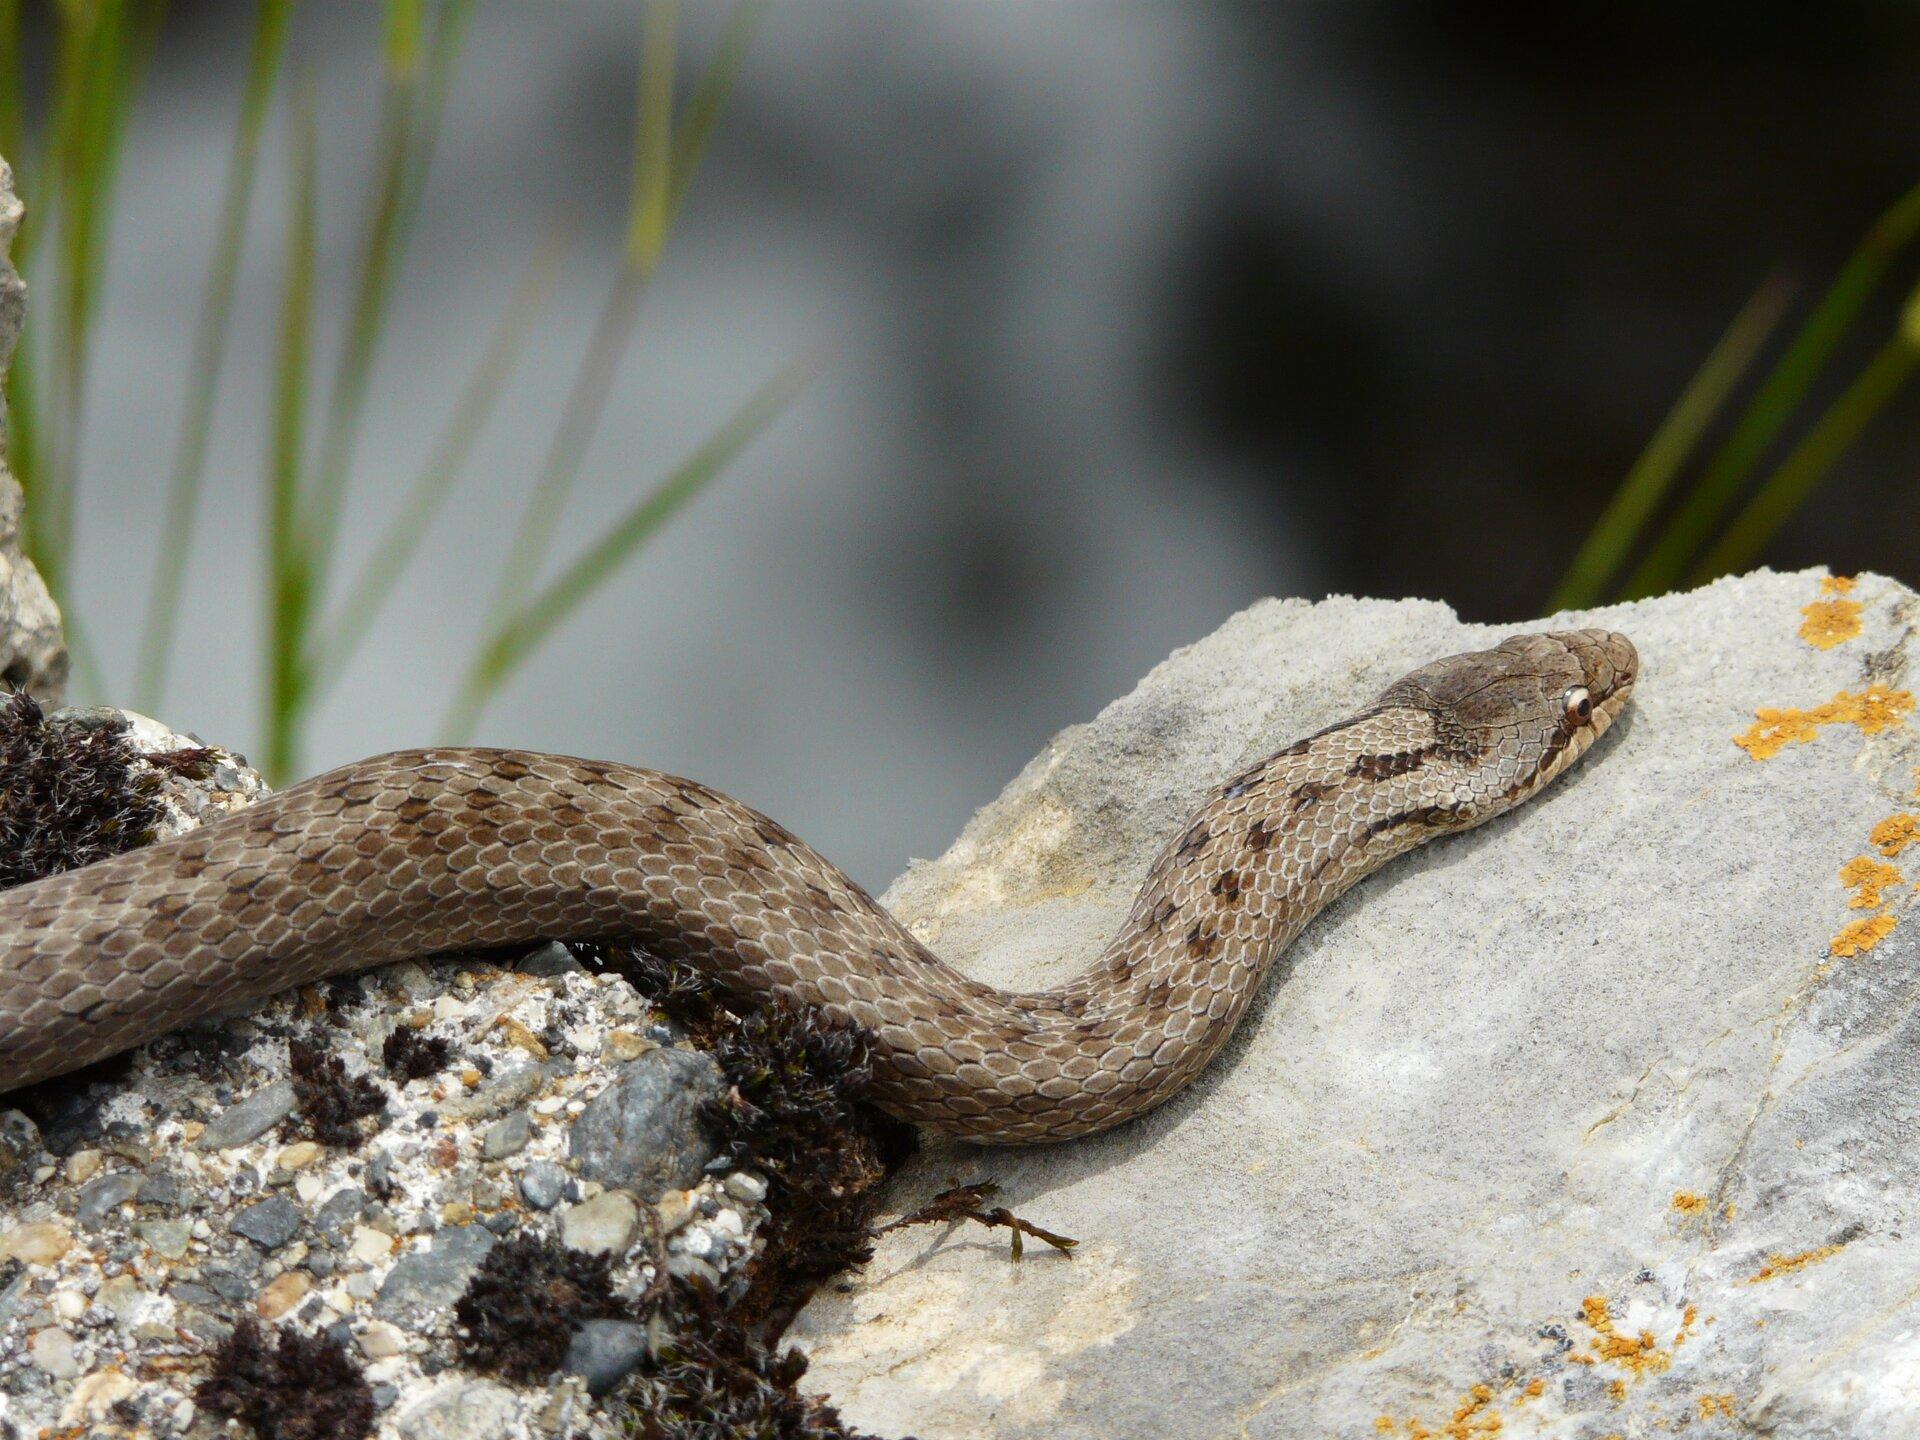 Fotografia przedstawia zgóry brązowego węża - gniewosza, leżącego na rudej, kamienistej ziemi. Ma uniesioną głowę na wygiętej esowato szyi. Ciało pokryte gładkimi, romboidalnymi łuskami; niektóre są ciemniejsze.